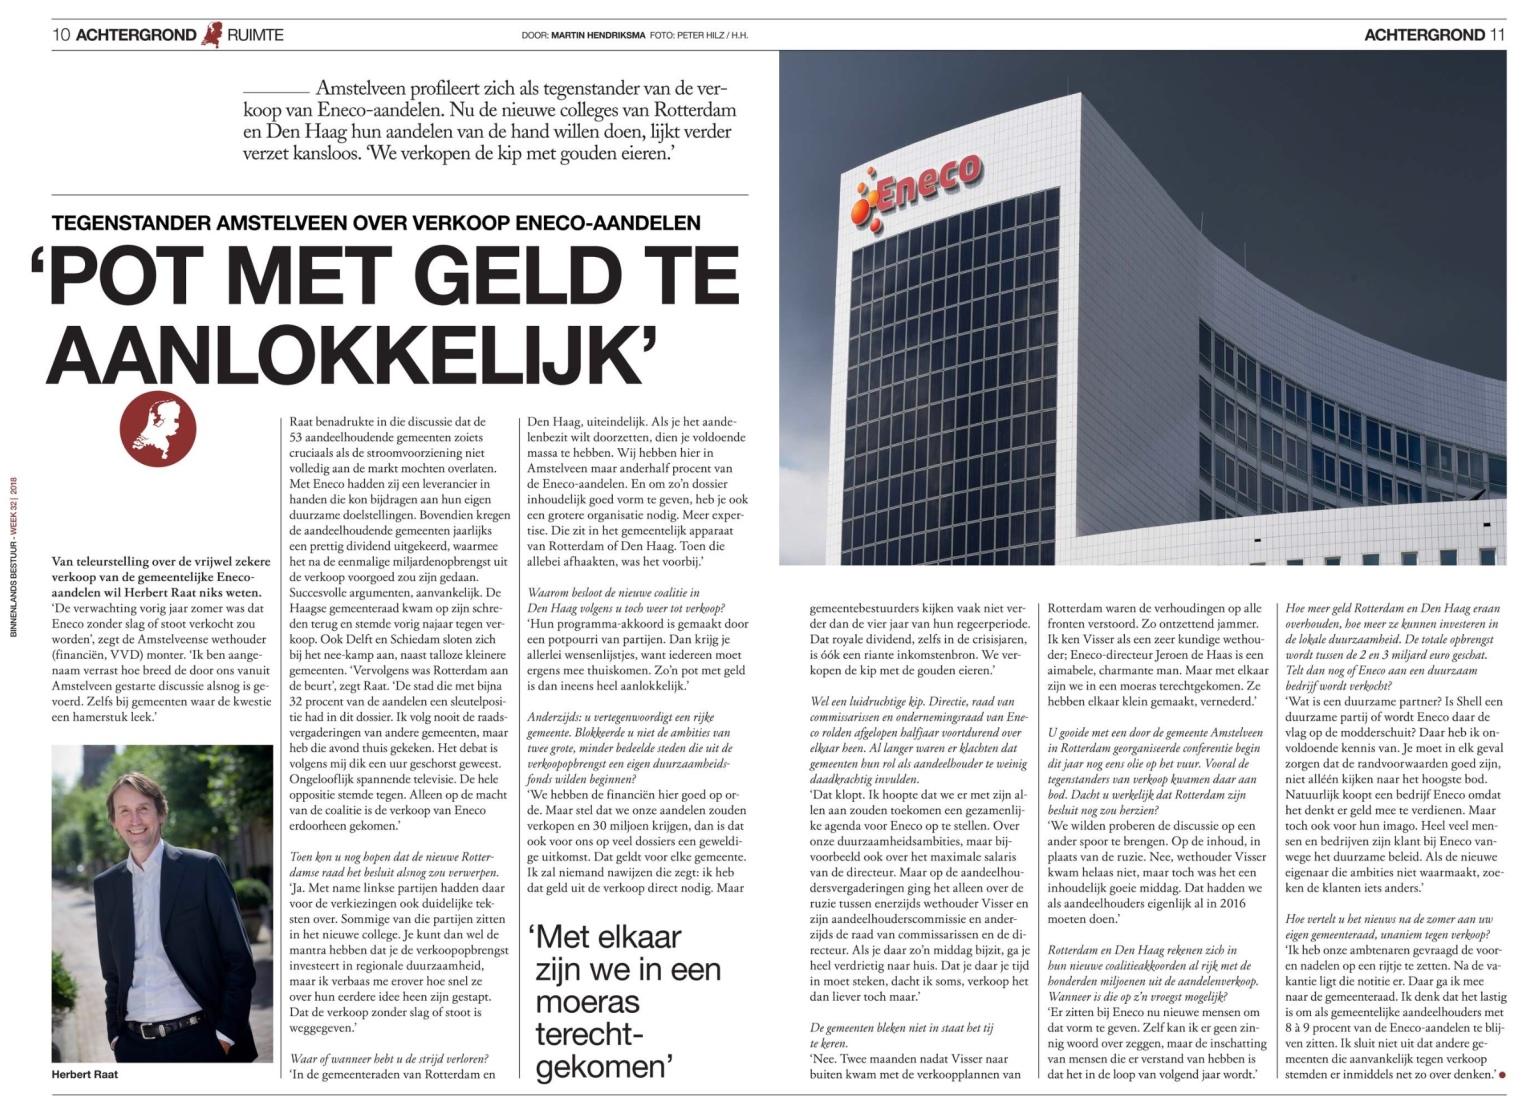 2018-10-8 Binnenlands Bestuur interview Herbert Raat over Eneco